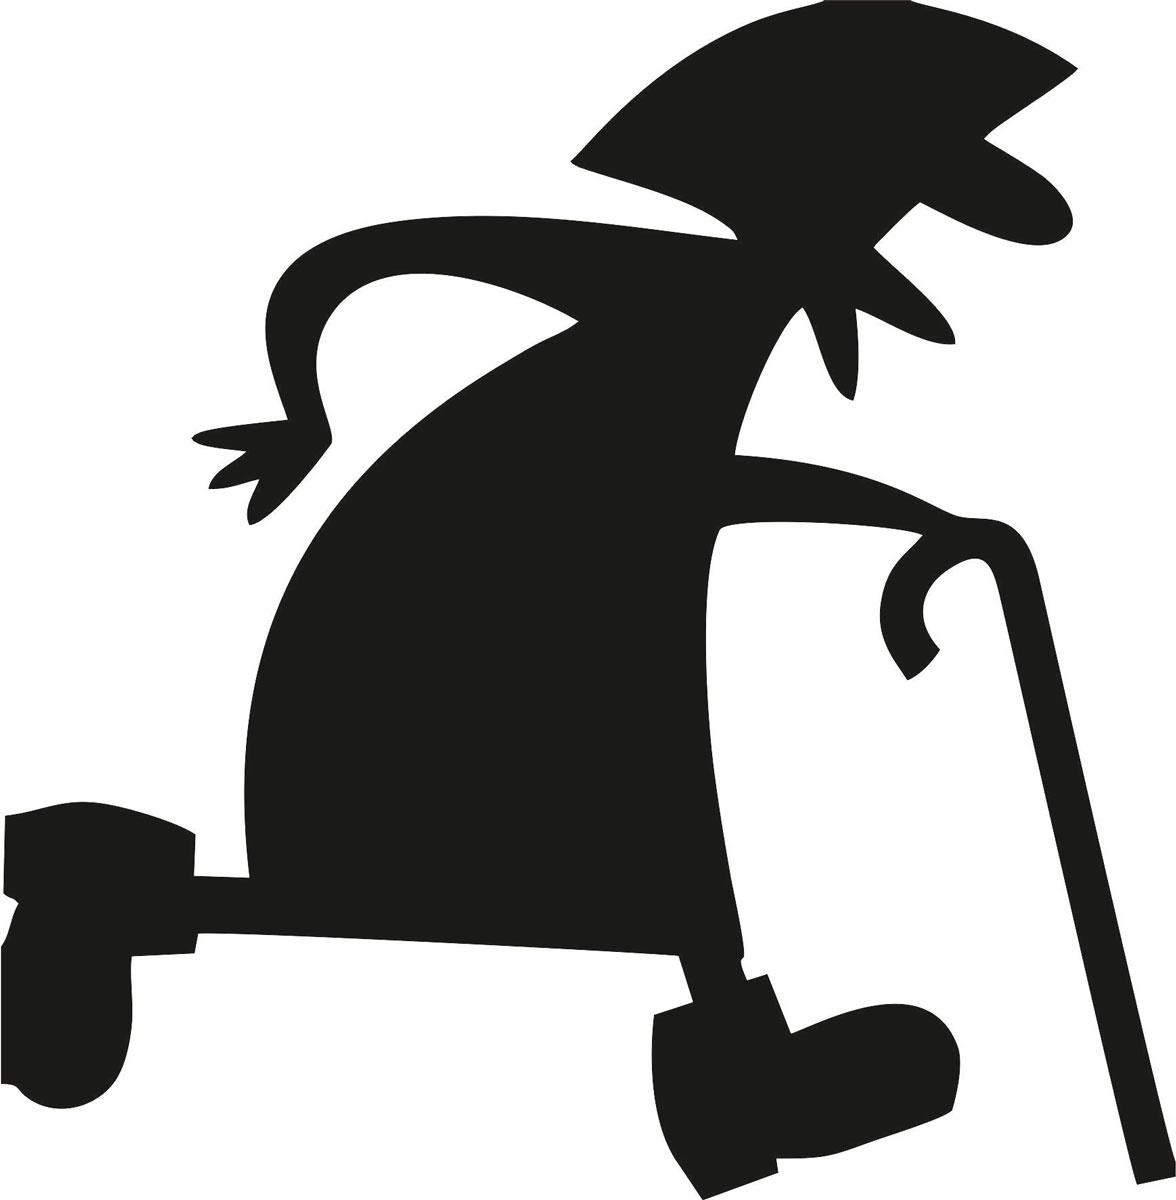 Фото - Наклейка ОранжевыйСлоник виниловая Бабка для авто или интерьера, Винил авто